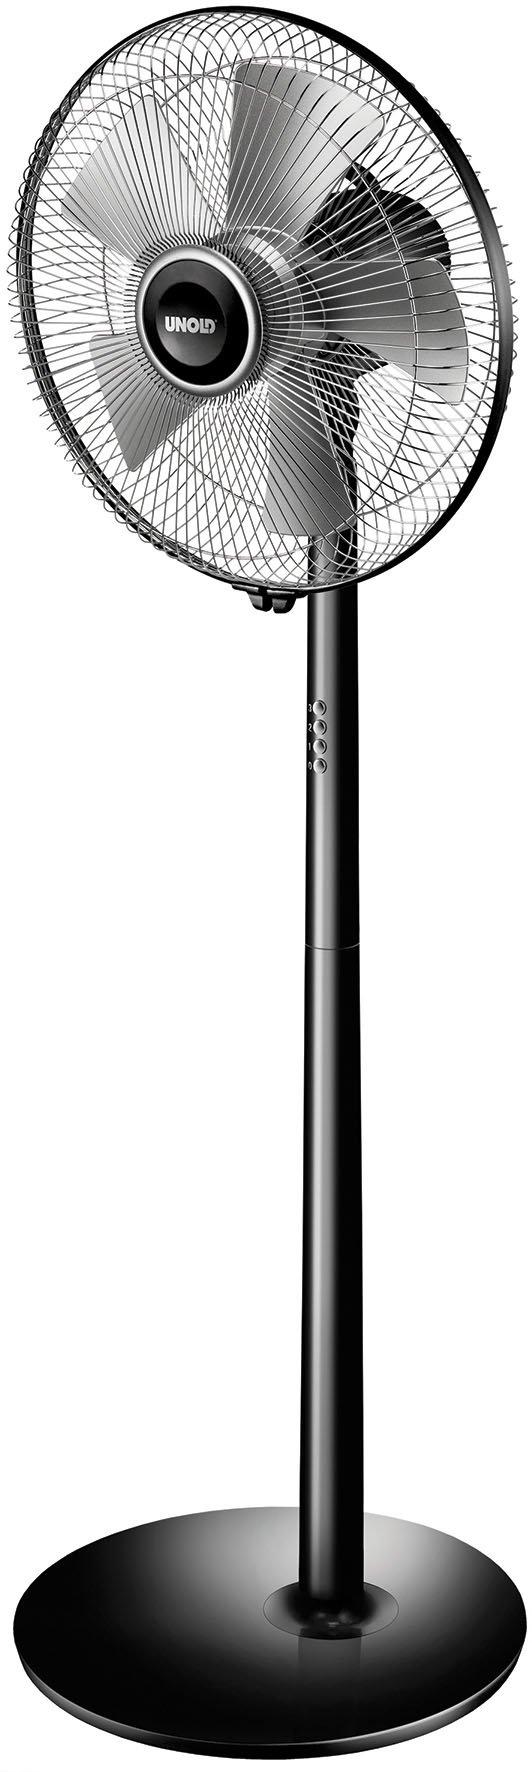 Unold staande ventilator Silverline Black 86825 bij OTTO online kopen